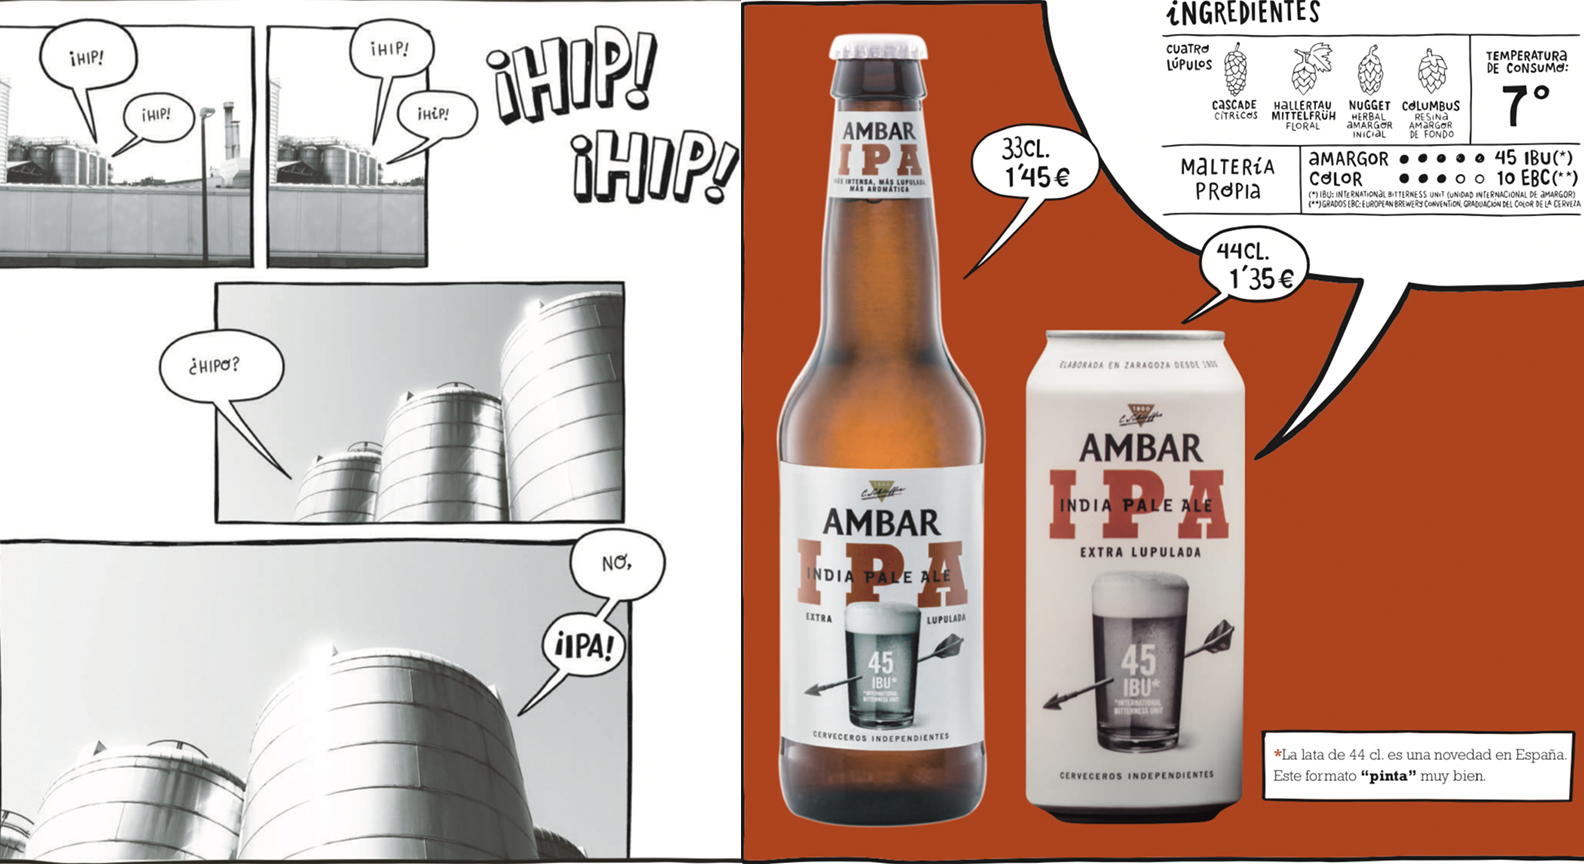 Ipa de Ambar cerveza